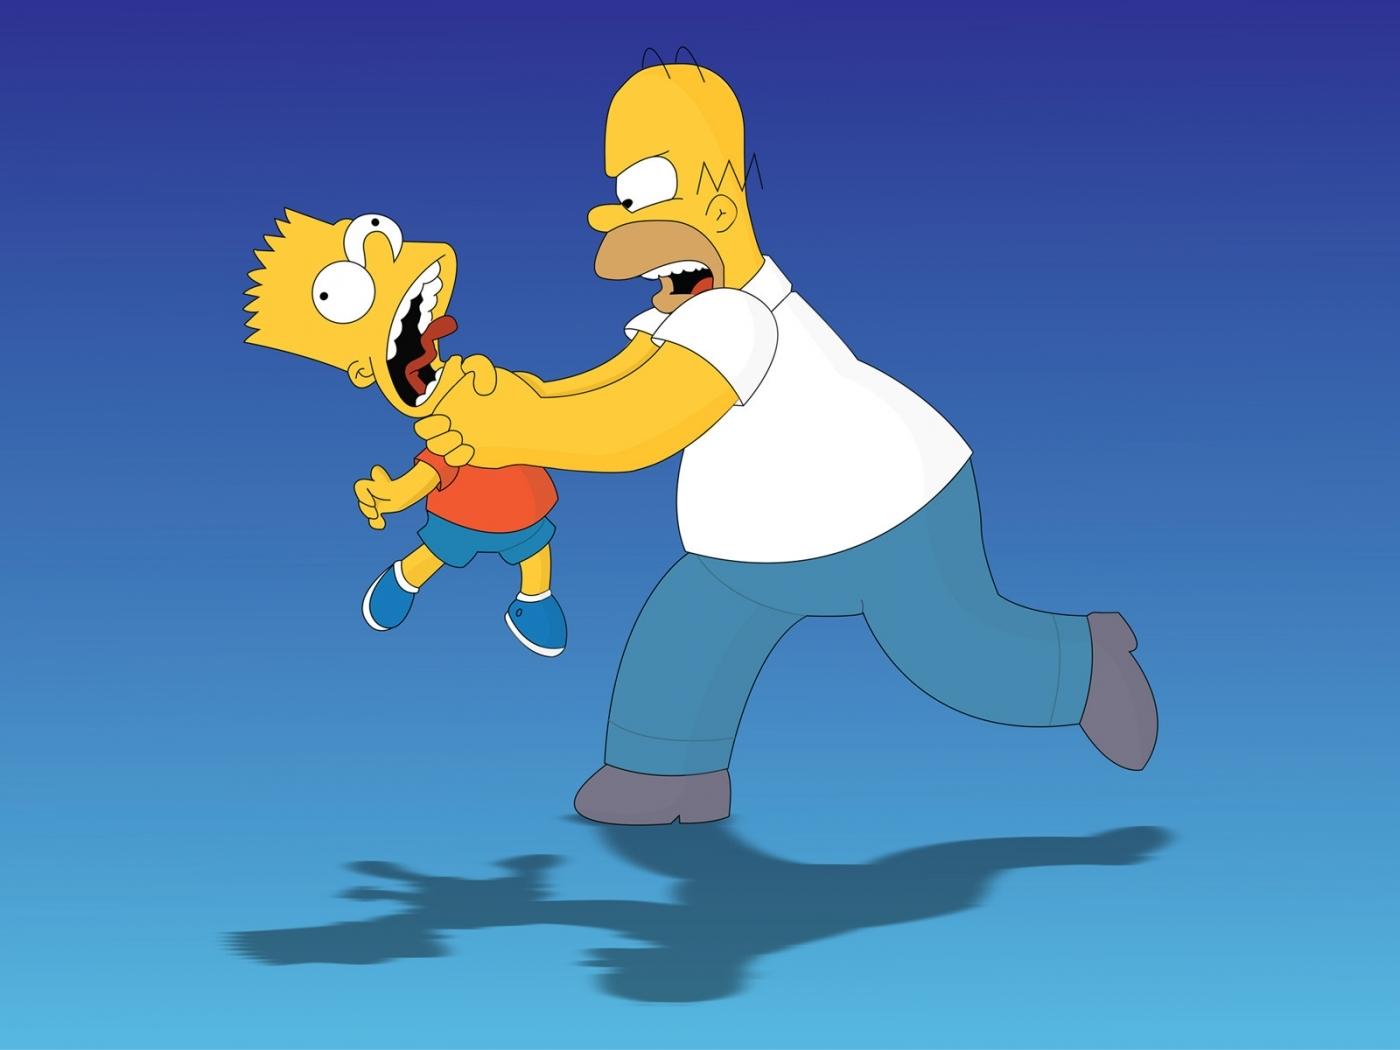 47437 Hintergrundbild herunterladen Cartoon, Hintergrund, Homer Simpson, Die Simpsons - Bildschirmschoner und Bilder kostenlos